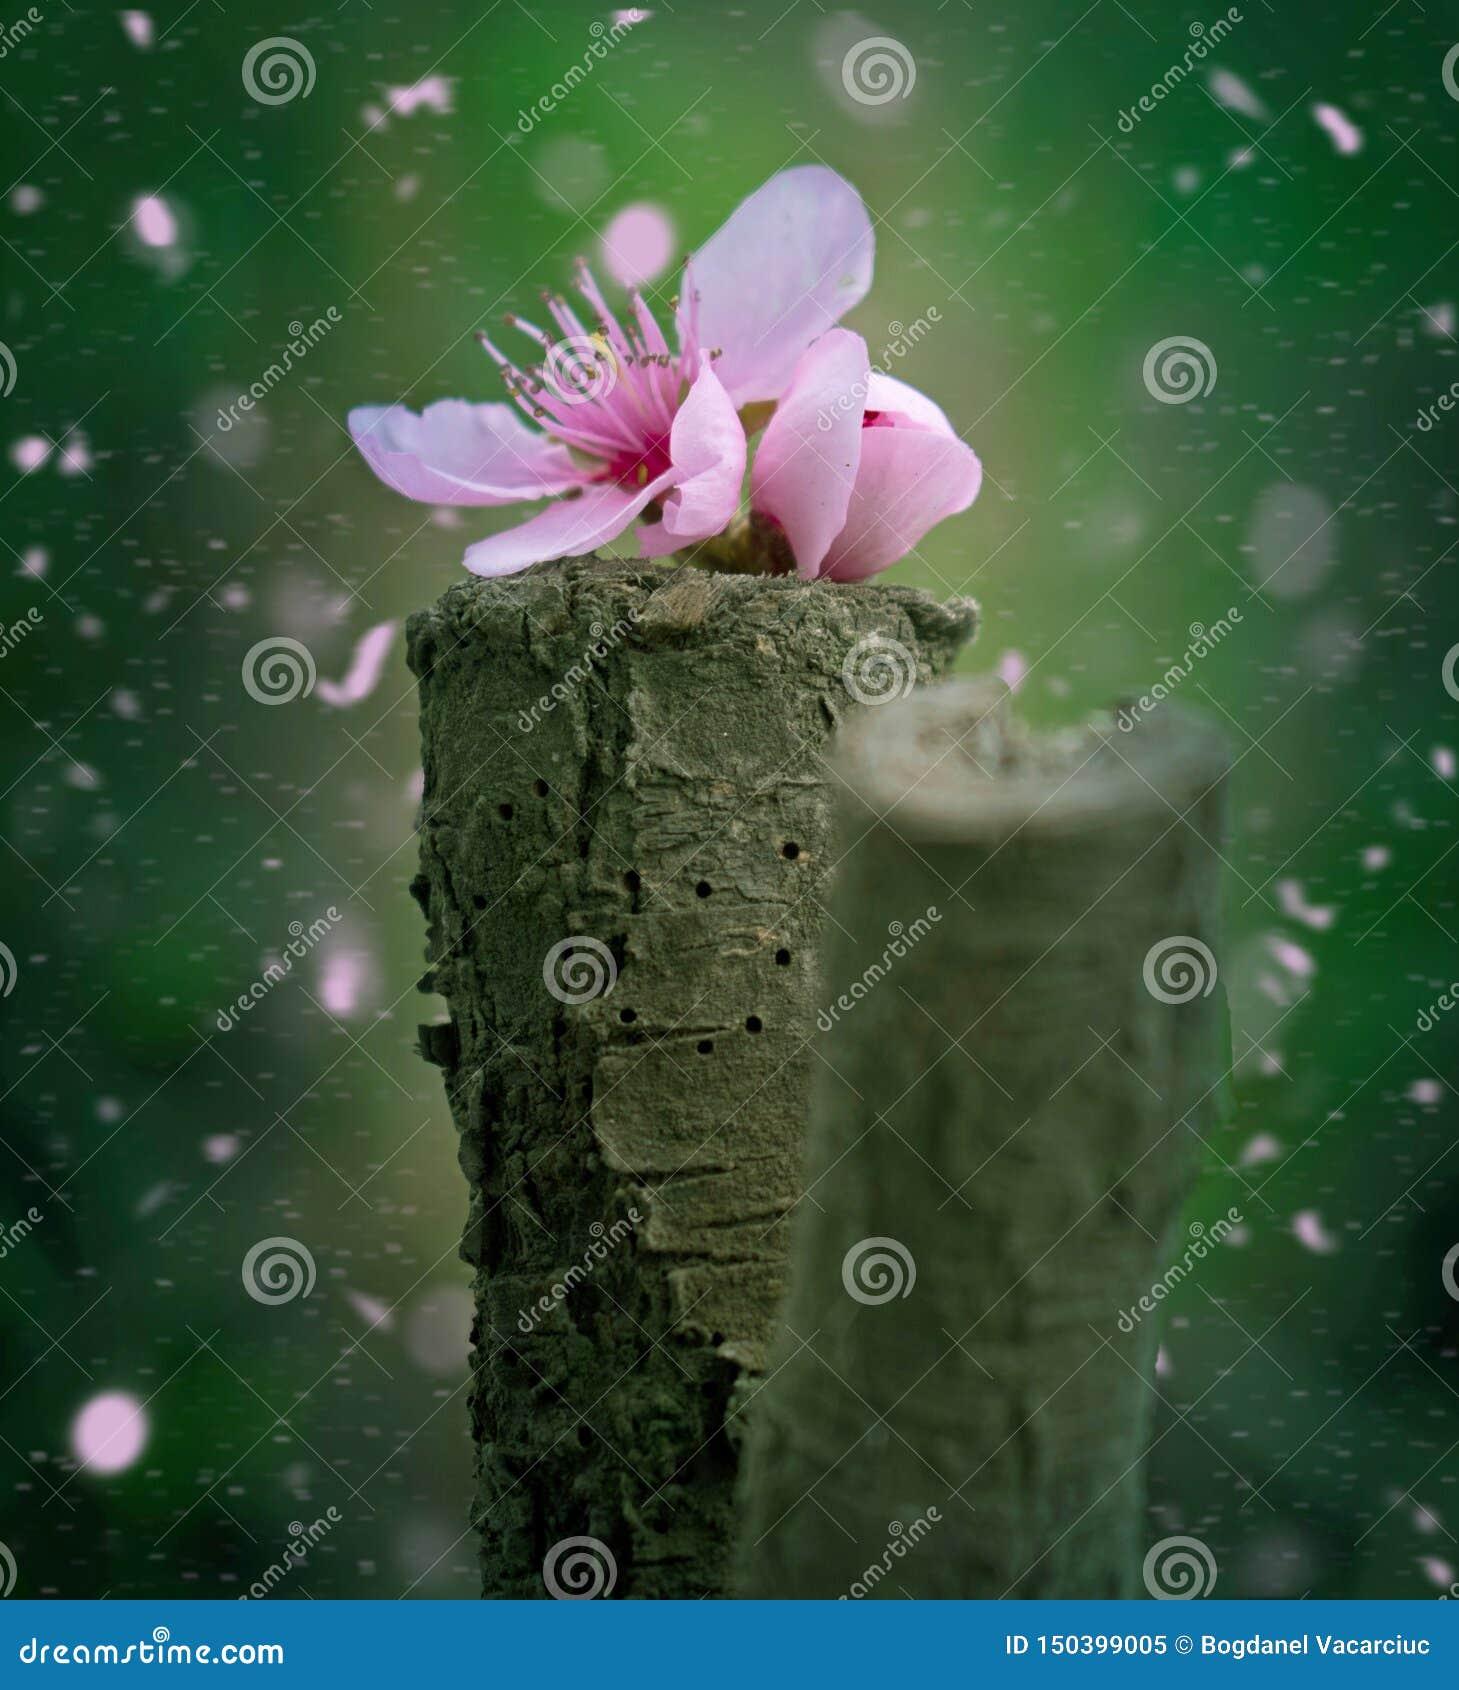 ?? ?? 在一块木头下落的桃花花